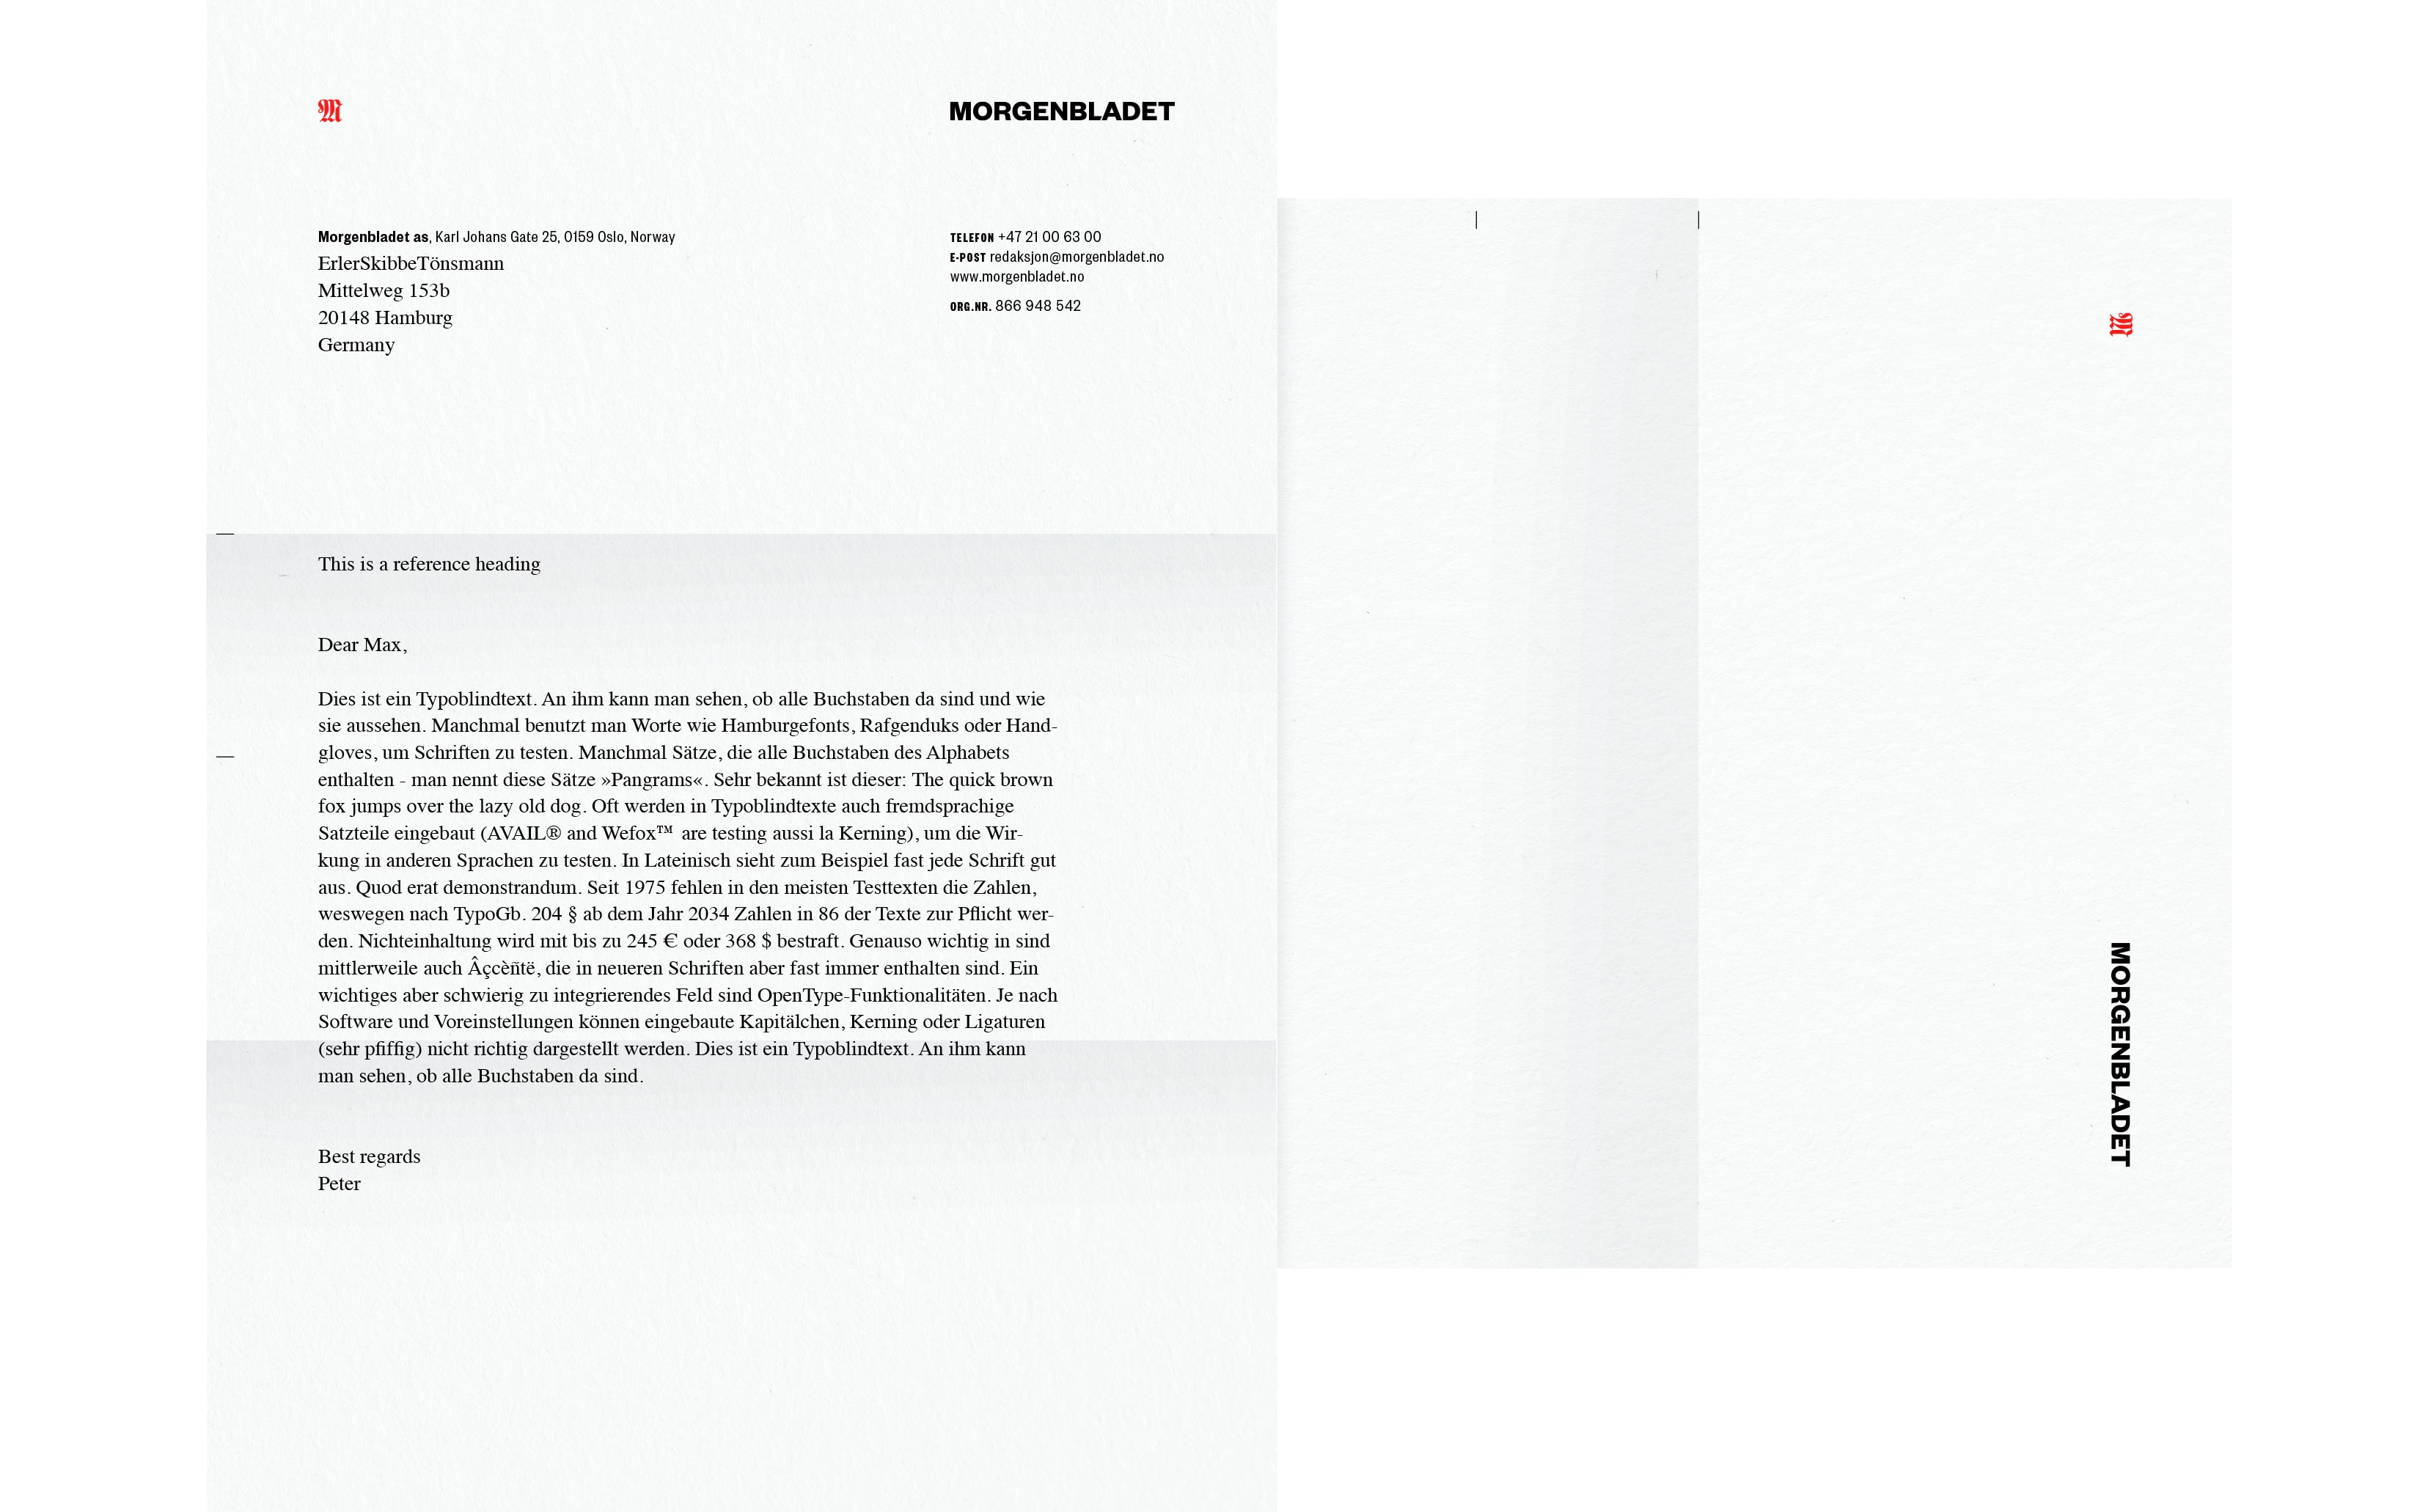 Bureau Johannes Erler – Morgenbladet